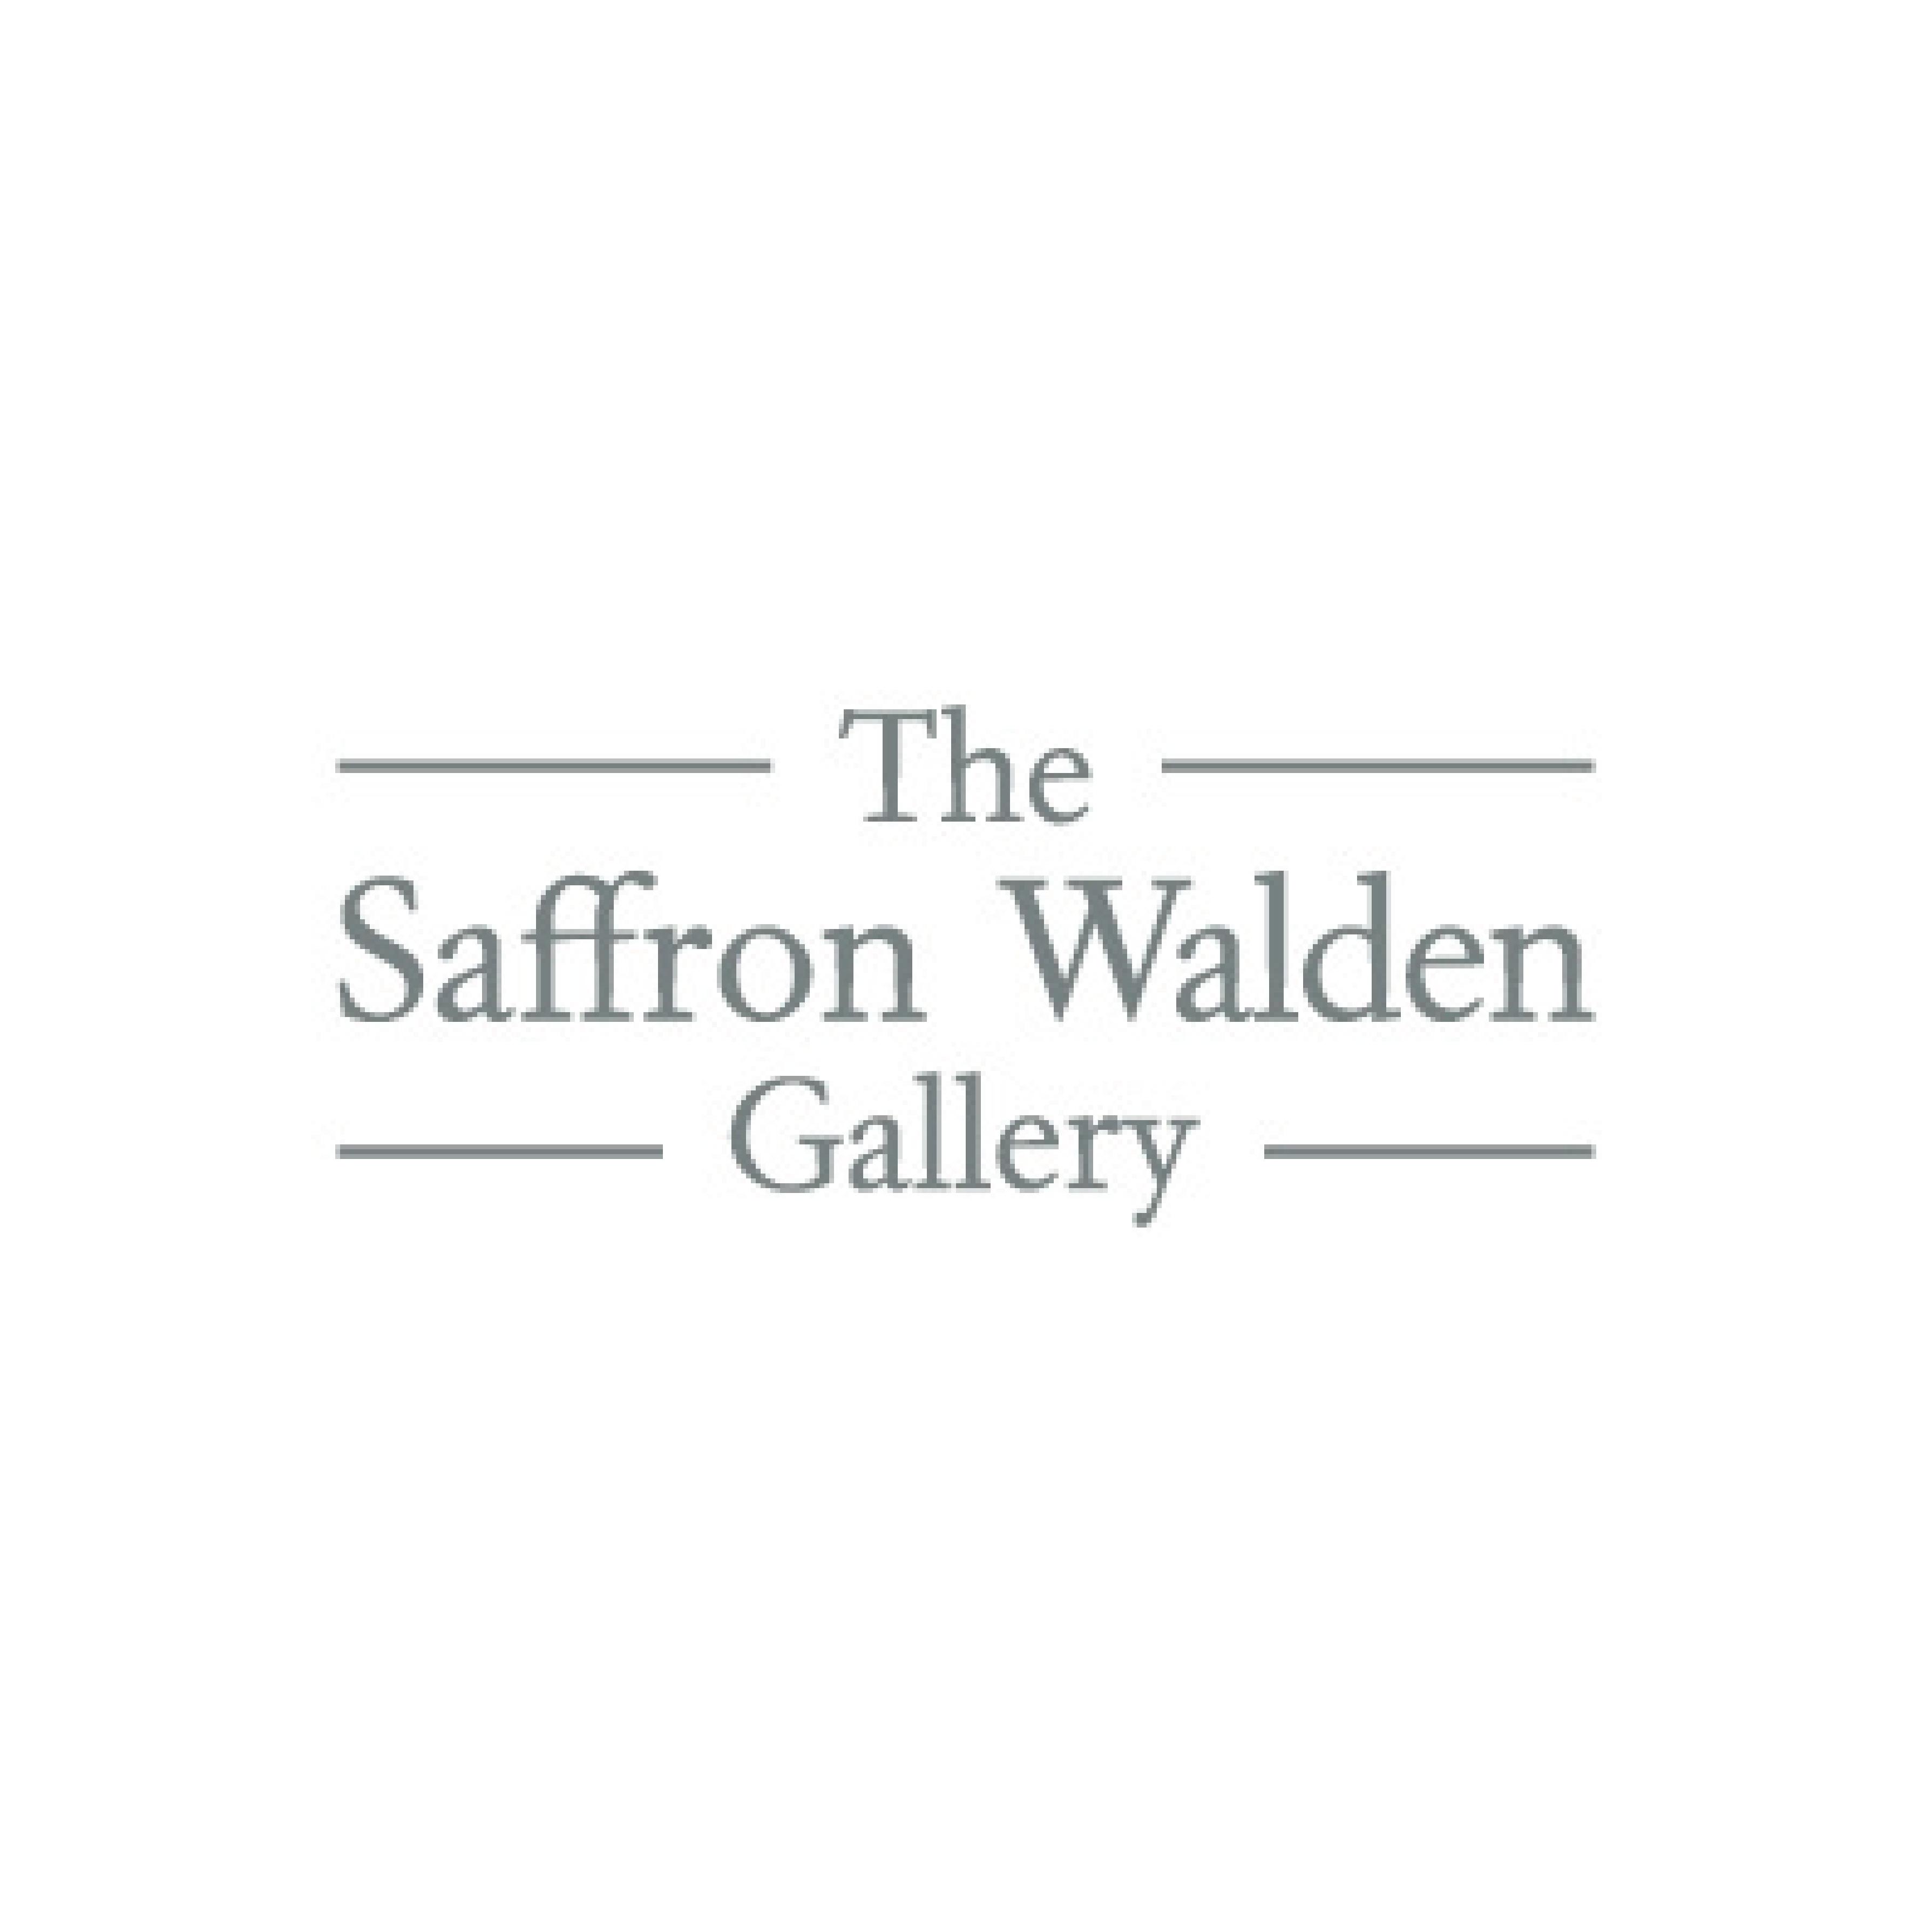 The Saffron Walden Gallery